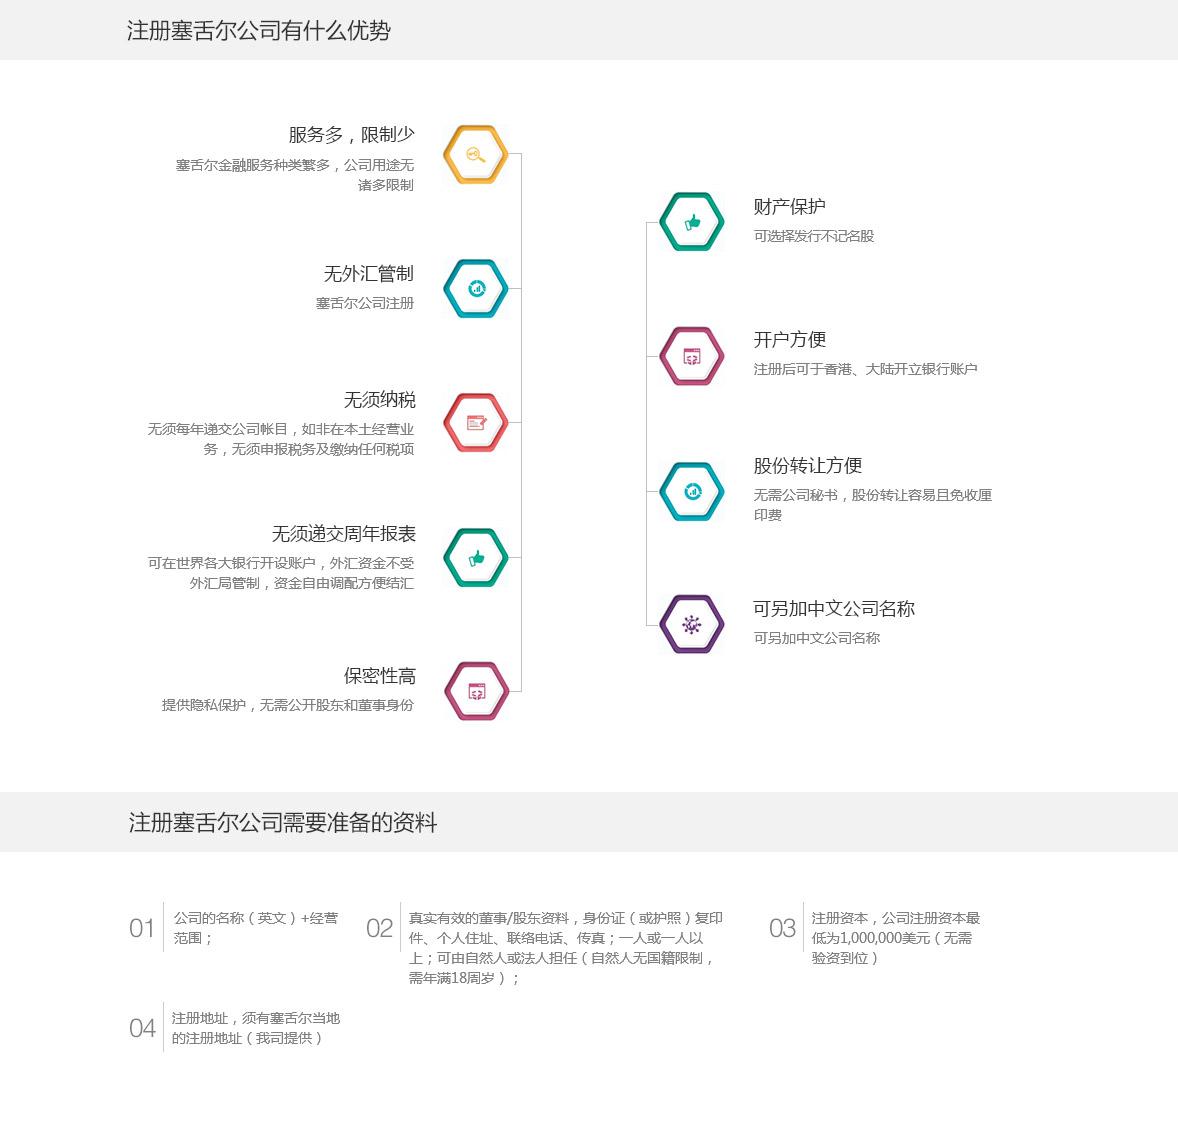 注册塞舌尔公司有什么优势、注册塞舌尔公司需要提供的材料